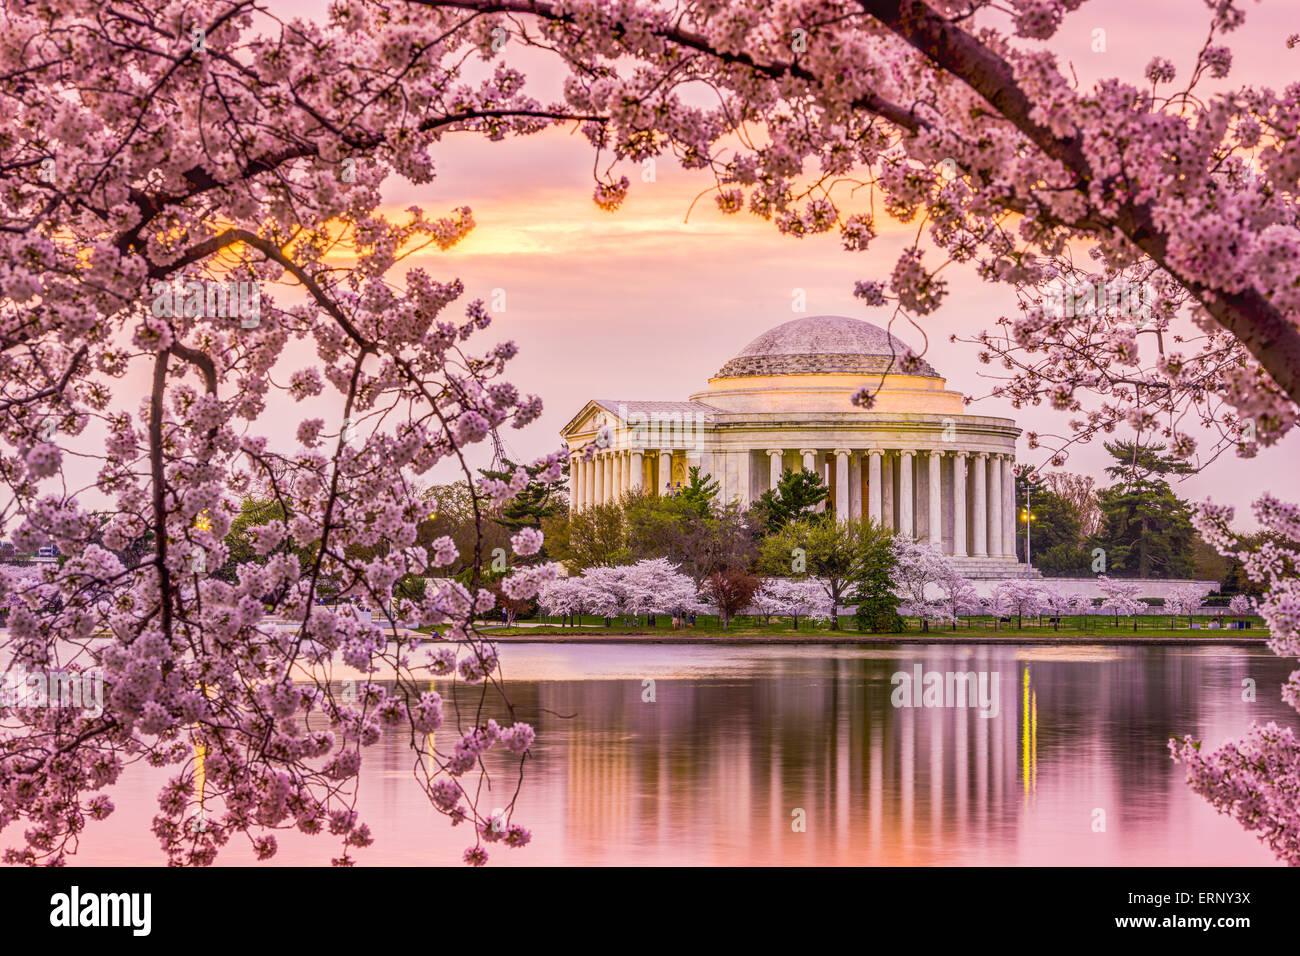 Washington, DC, en el Tidal Basin y el Jefferson Memorial durante la temporada de primavera de los cerezos en flor. Imagen De Stock